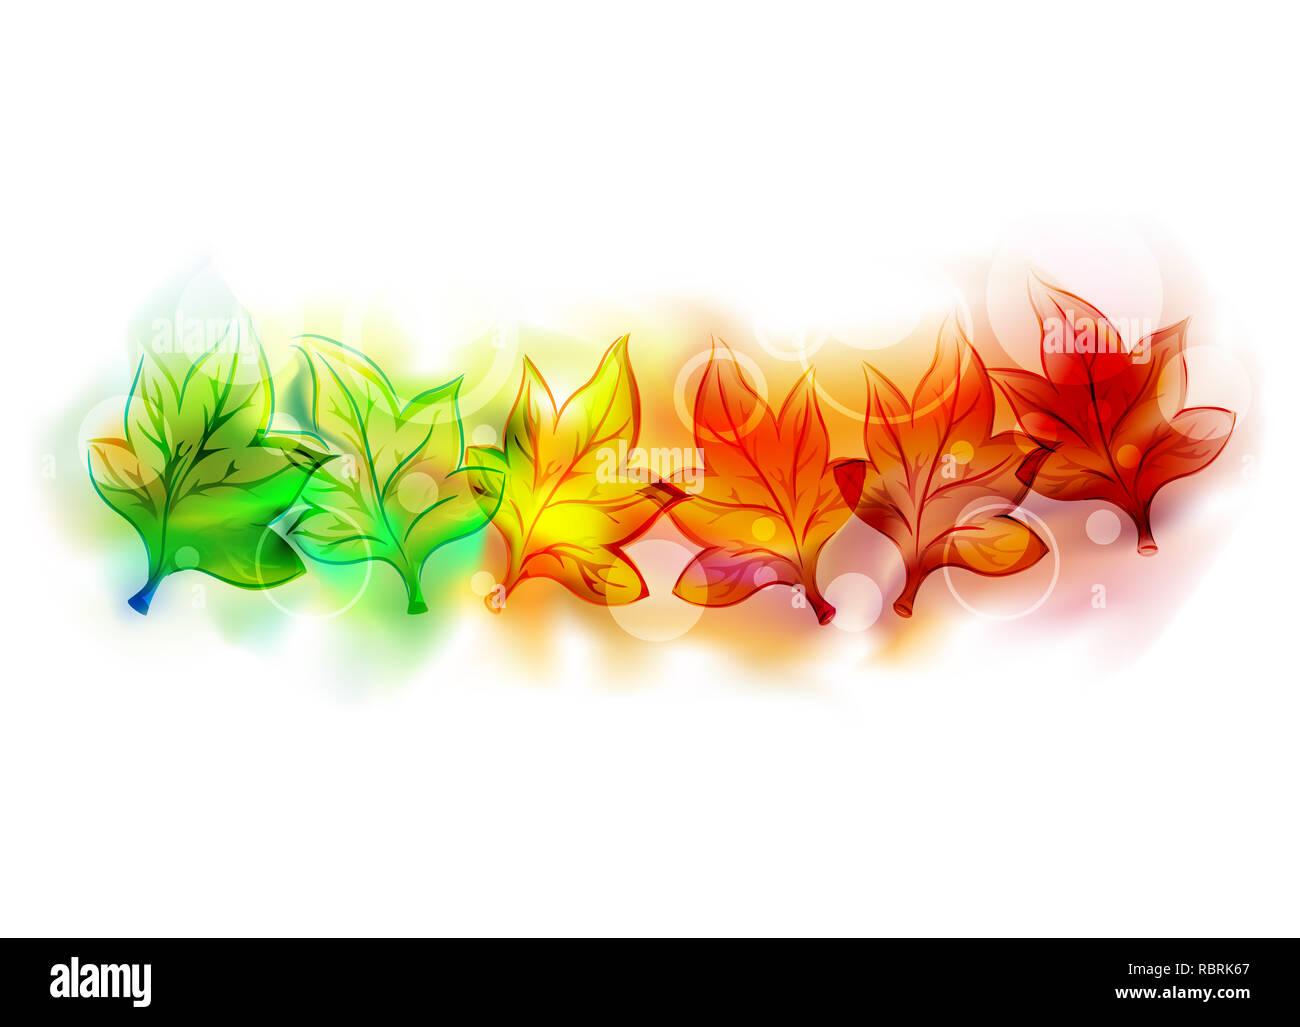 Ilustración de las hojas en otoño con diversos tonos de verde a amarillo a naranja a rojo eps10 Imagen De Stock